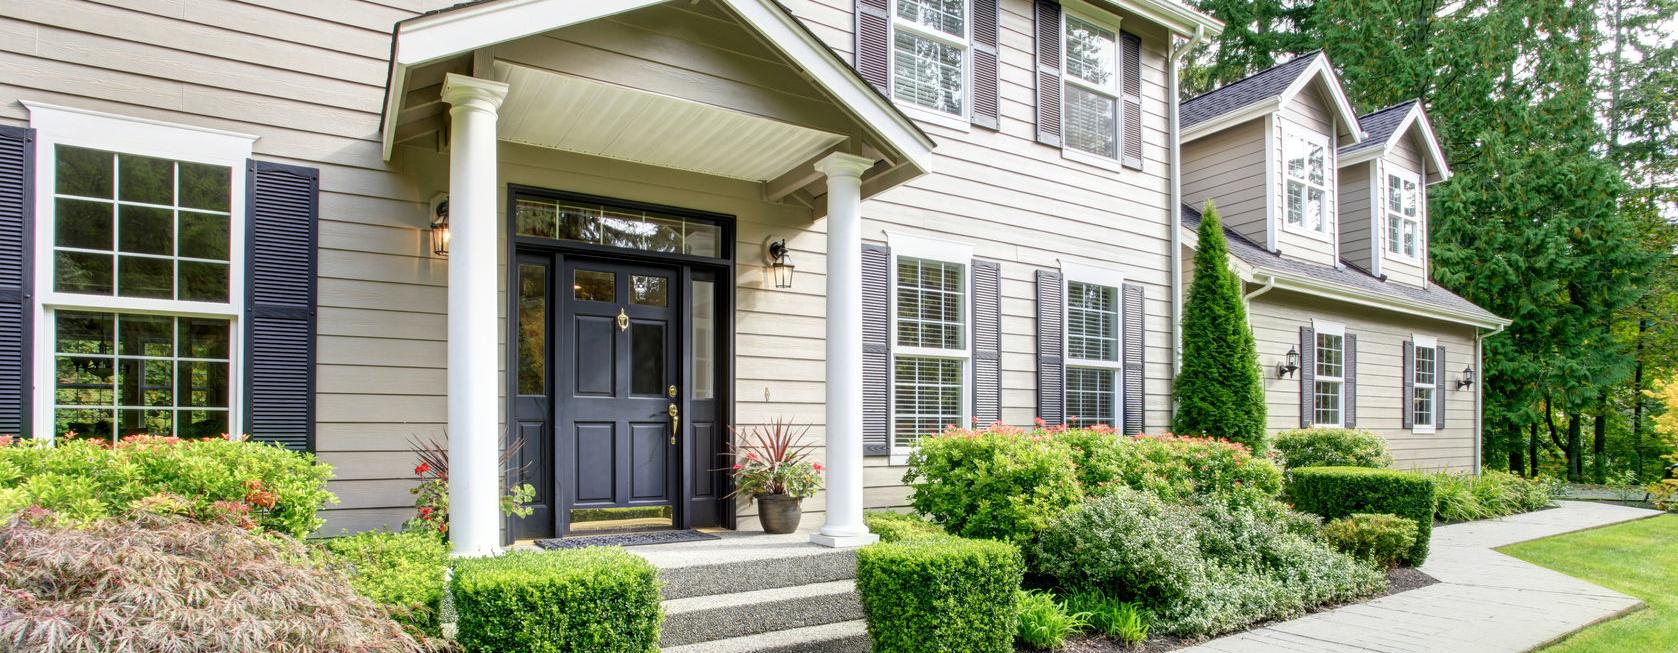 Fairfax porch and portico contractor for Portico porch designs